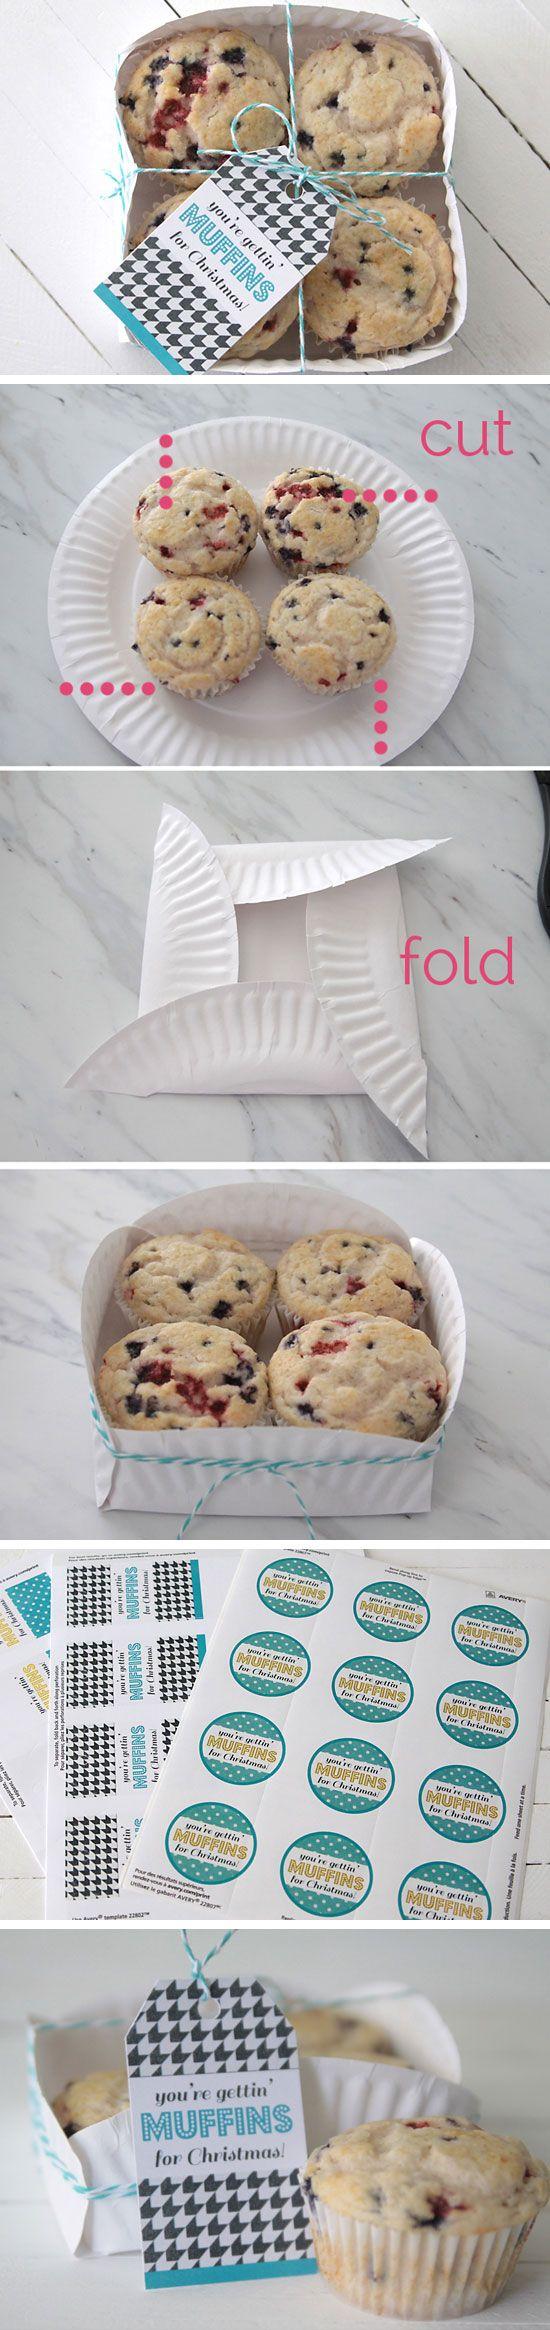 Muffins Geschenkkorb + Printables | 40 DIY Geschenkkorb Ideen für Weihnachten | Handmade Geschenk-Ideen für Weihnachten